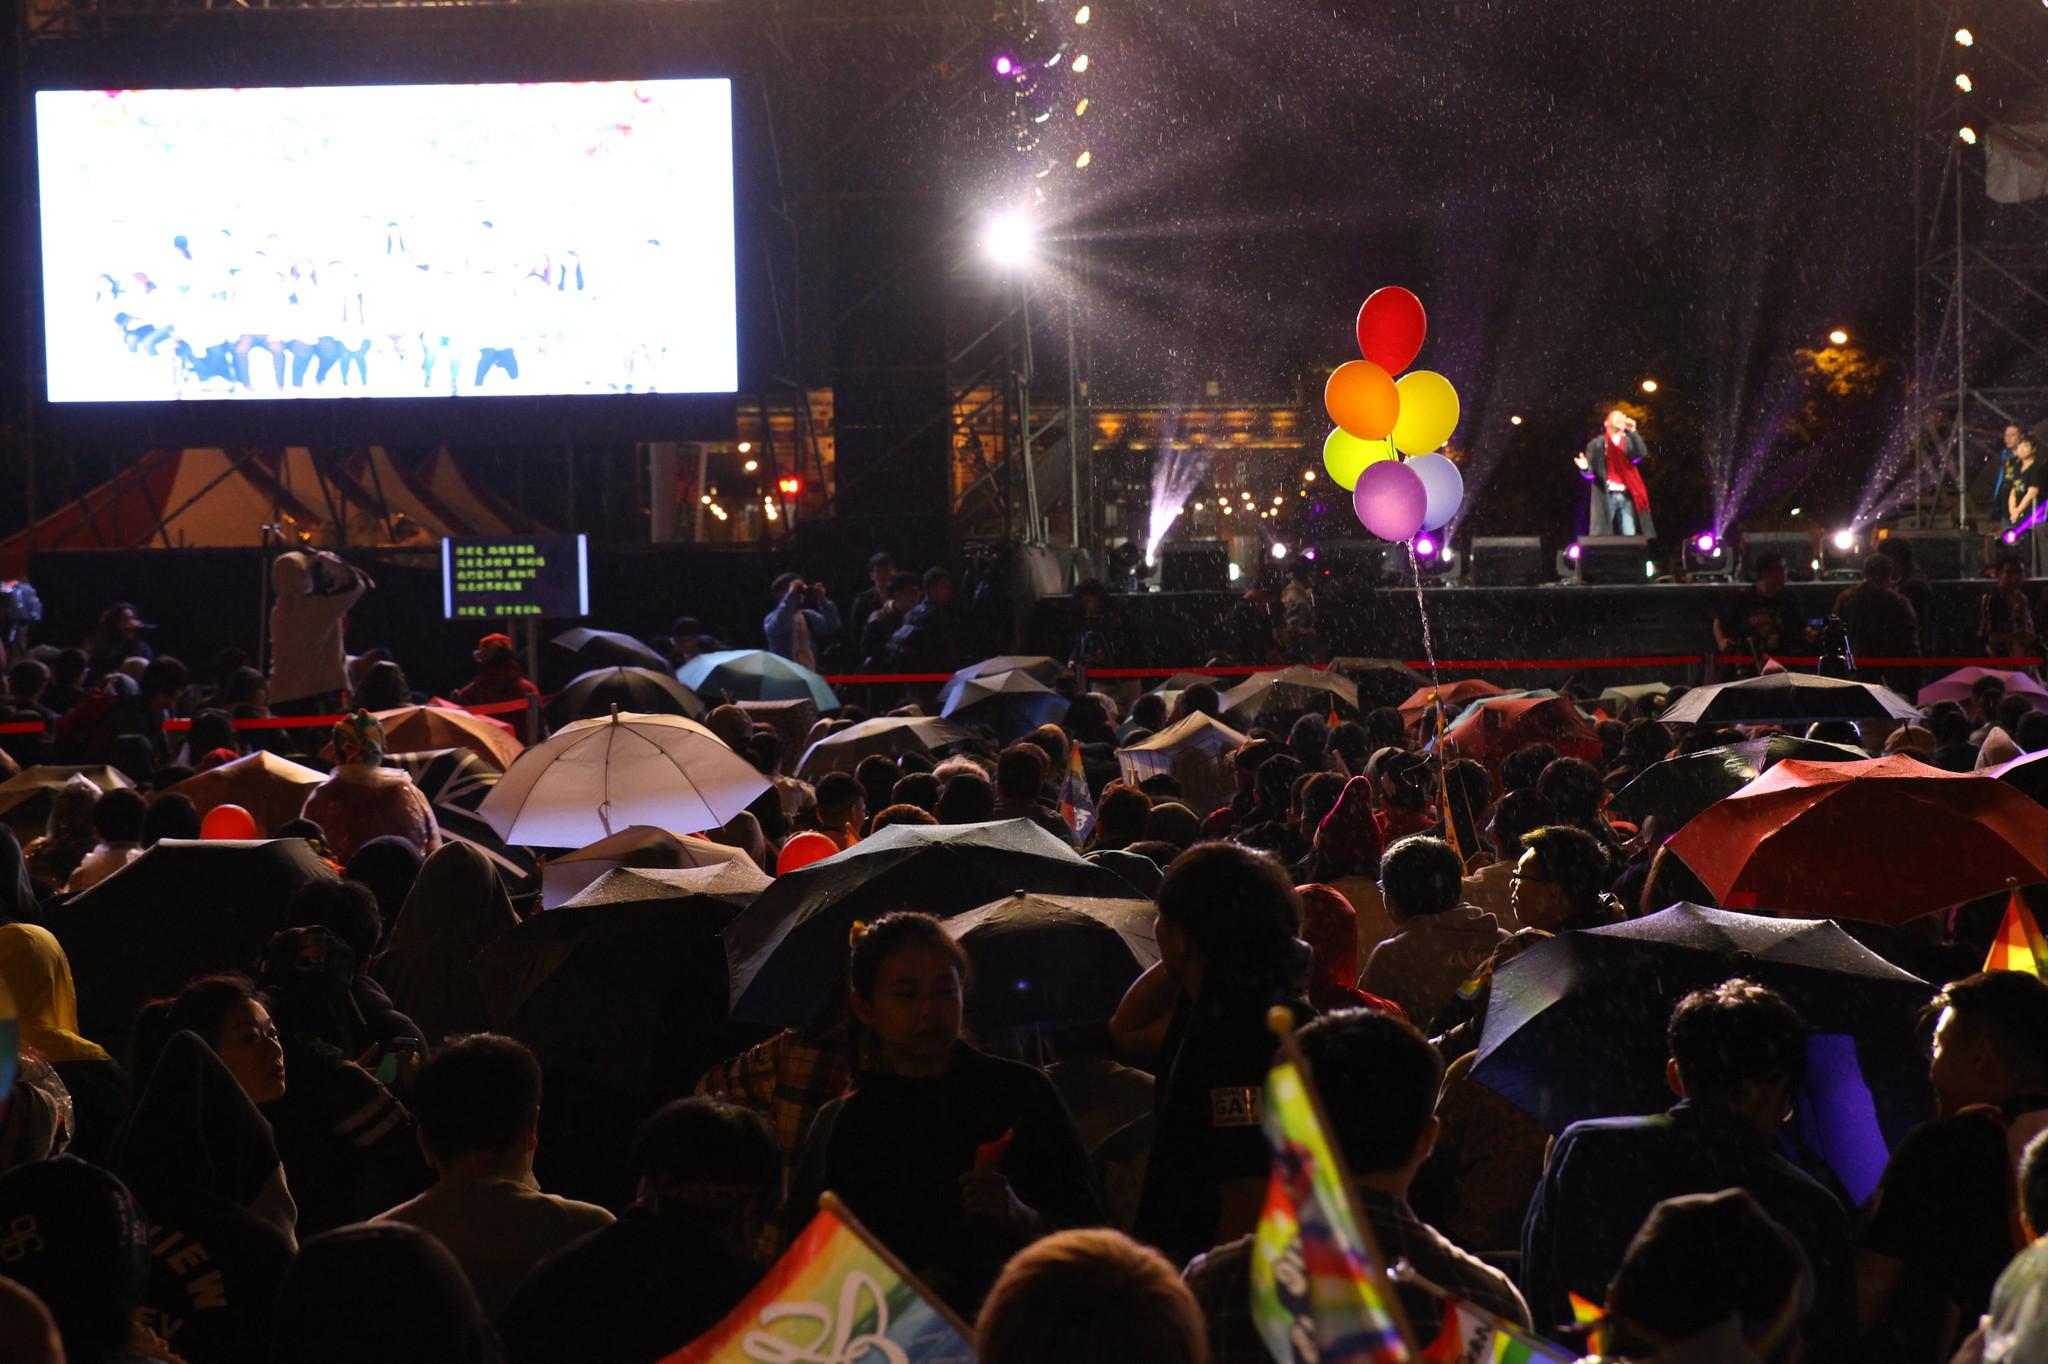 晚間,雨勢一度轉大,凱道上民眾未見減少。(攝影:陳逸婷)